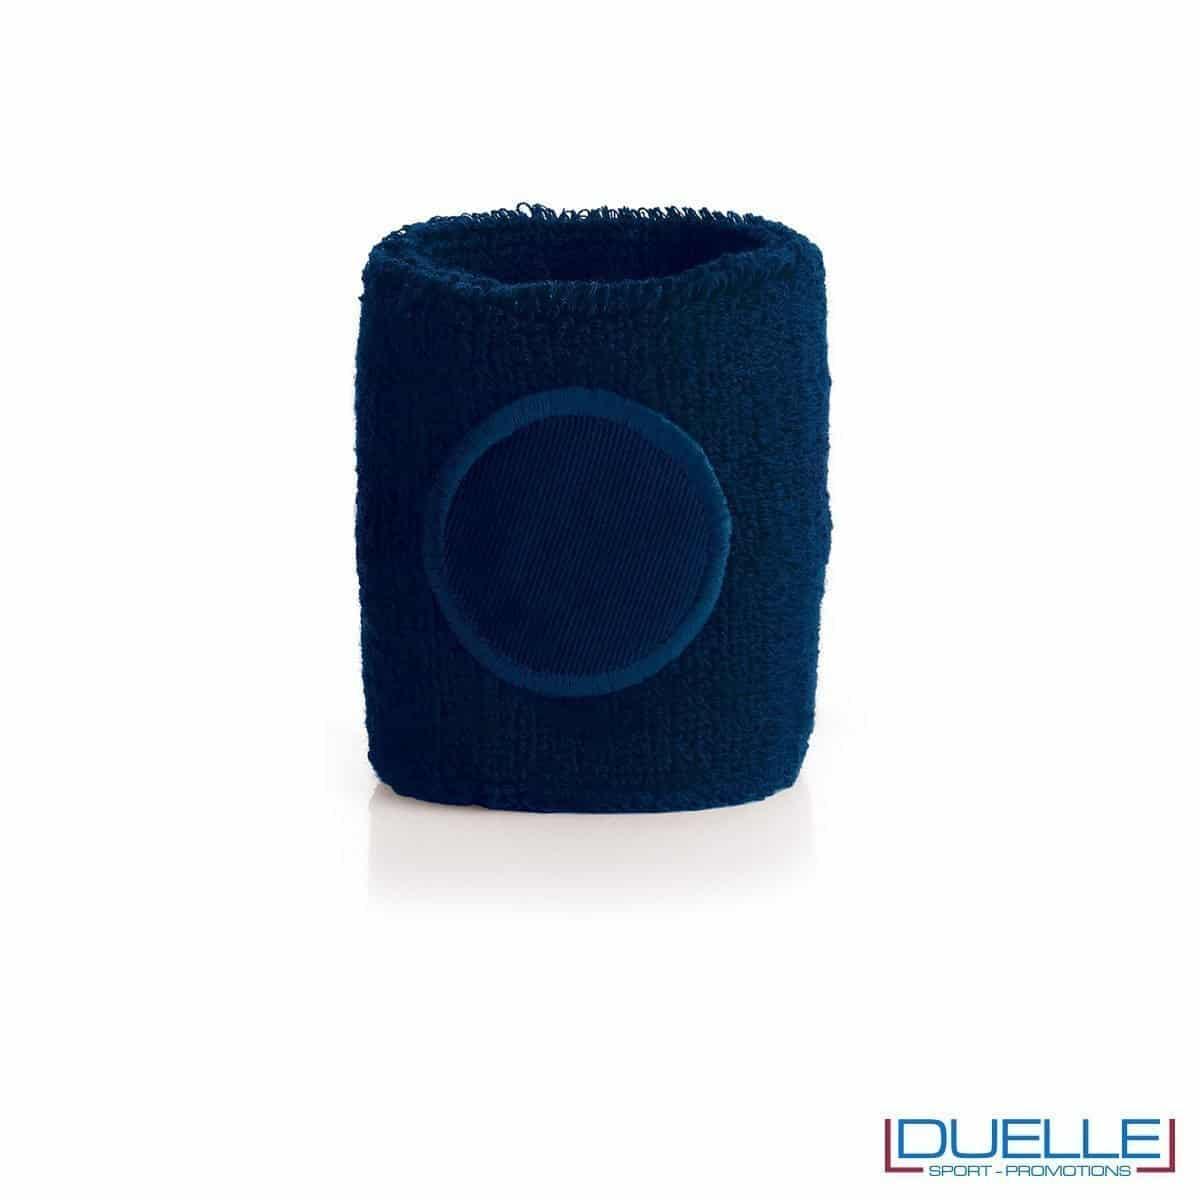 polsino tergisudore personalizzato in colore blu, gadget sportivi personalizzati